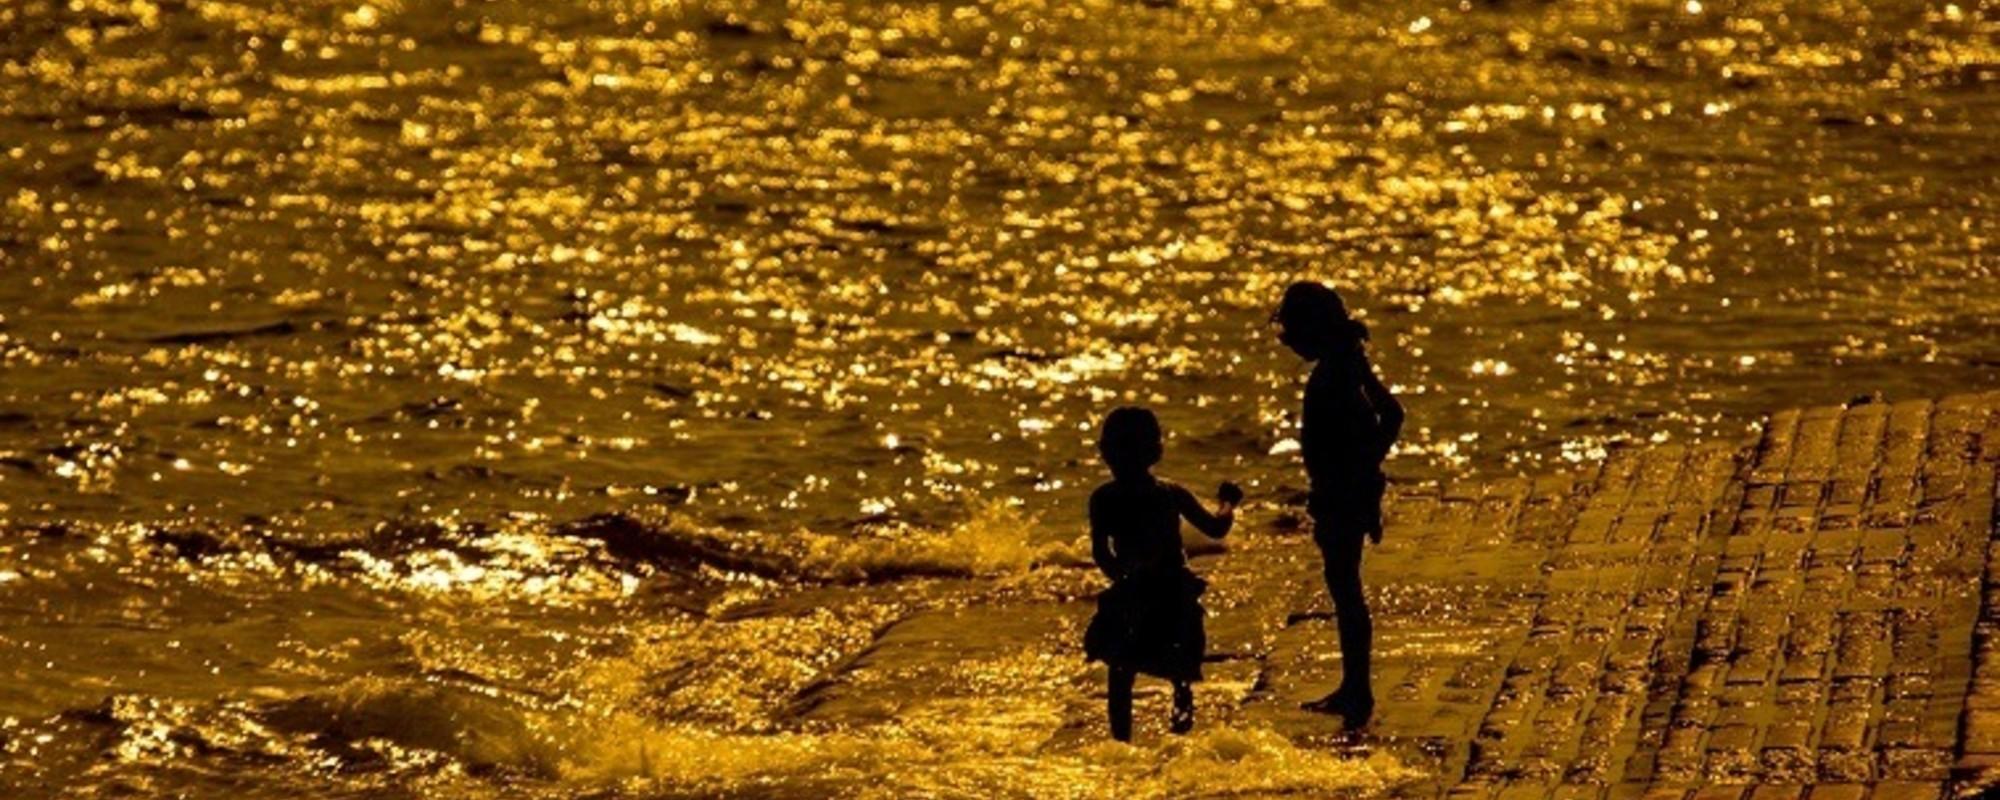 Fotos de gente a enfrentar a onda de calor em Lisboa